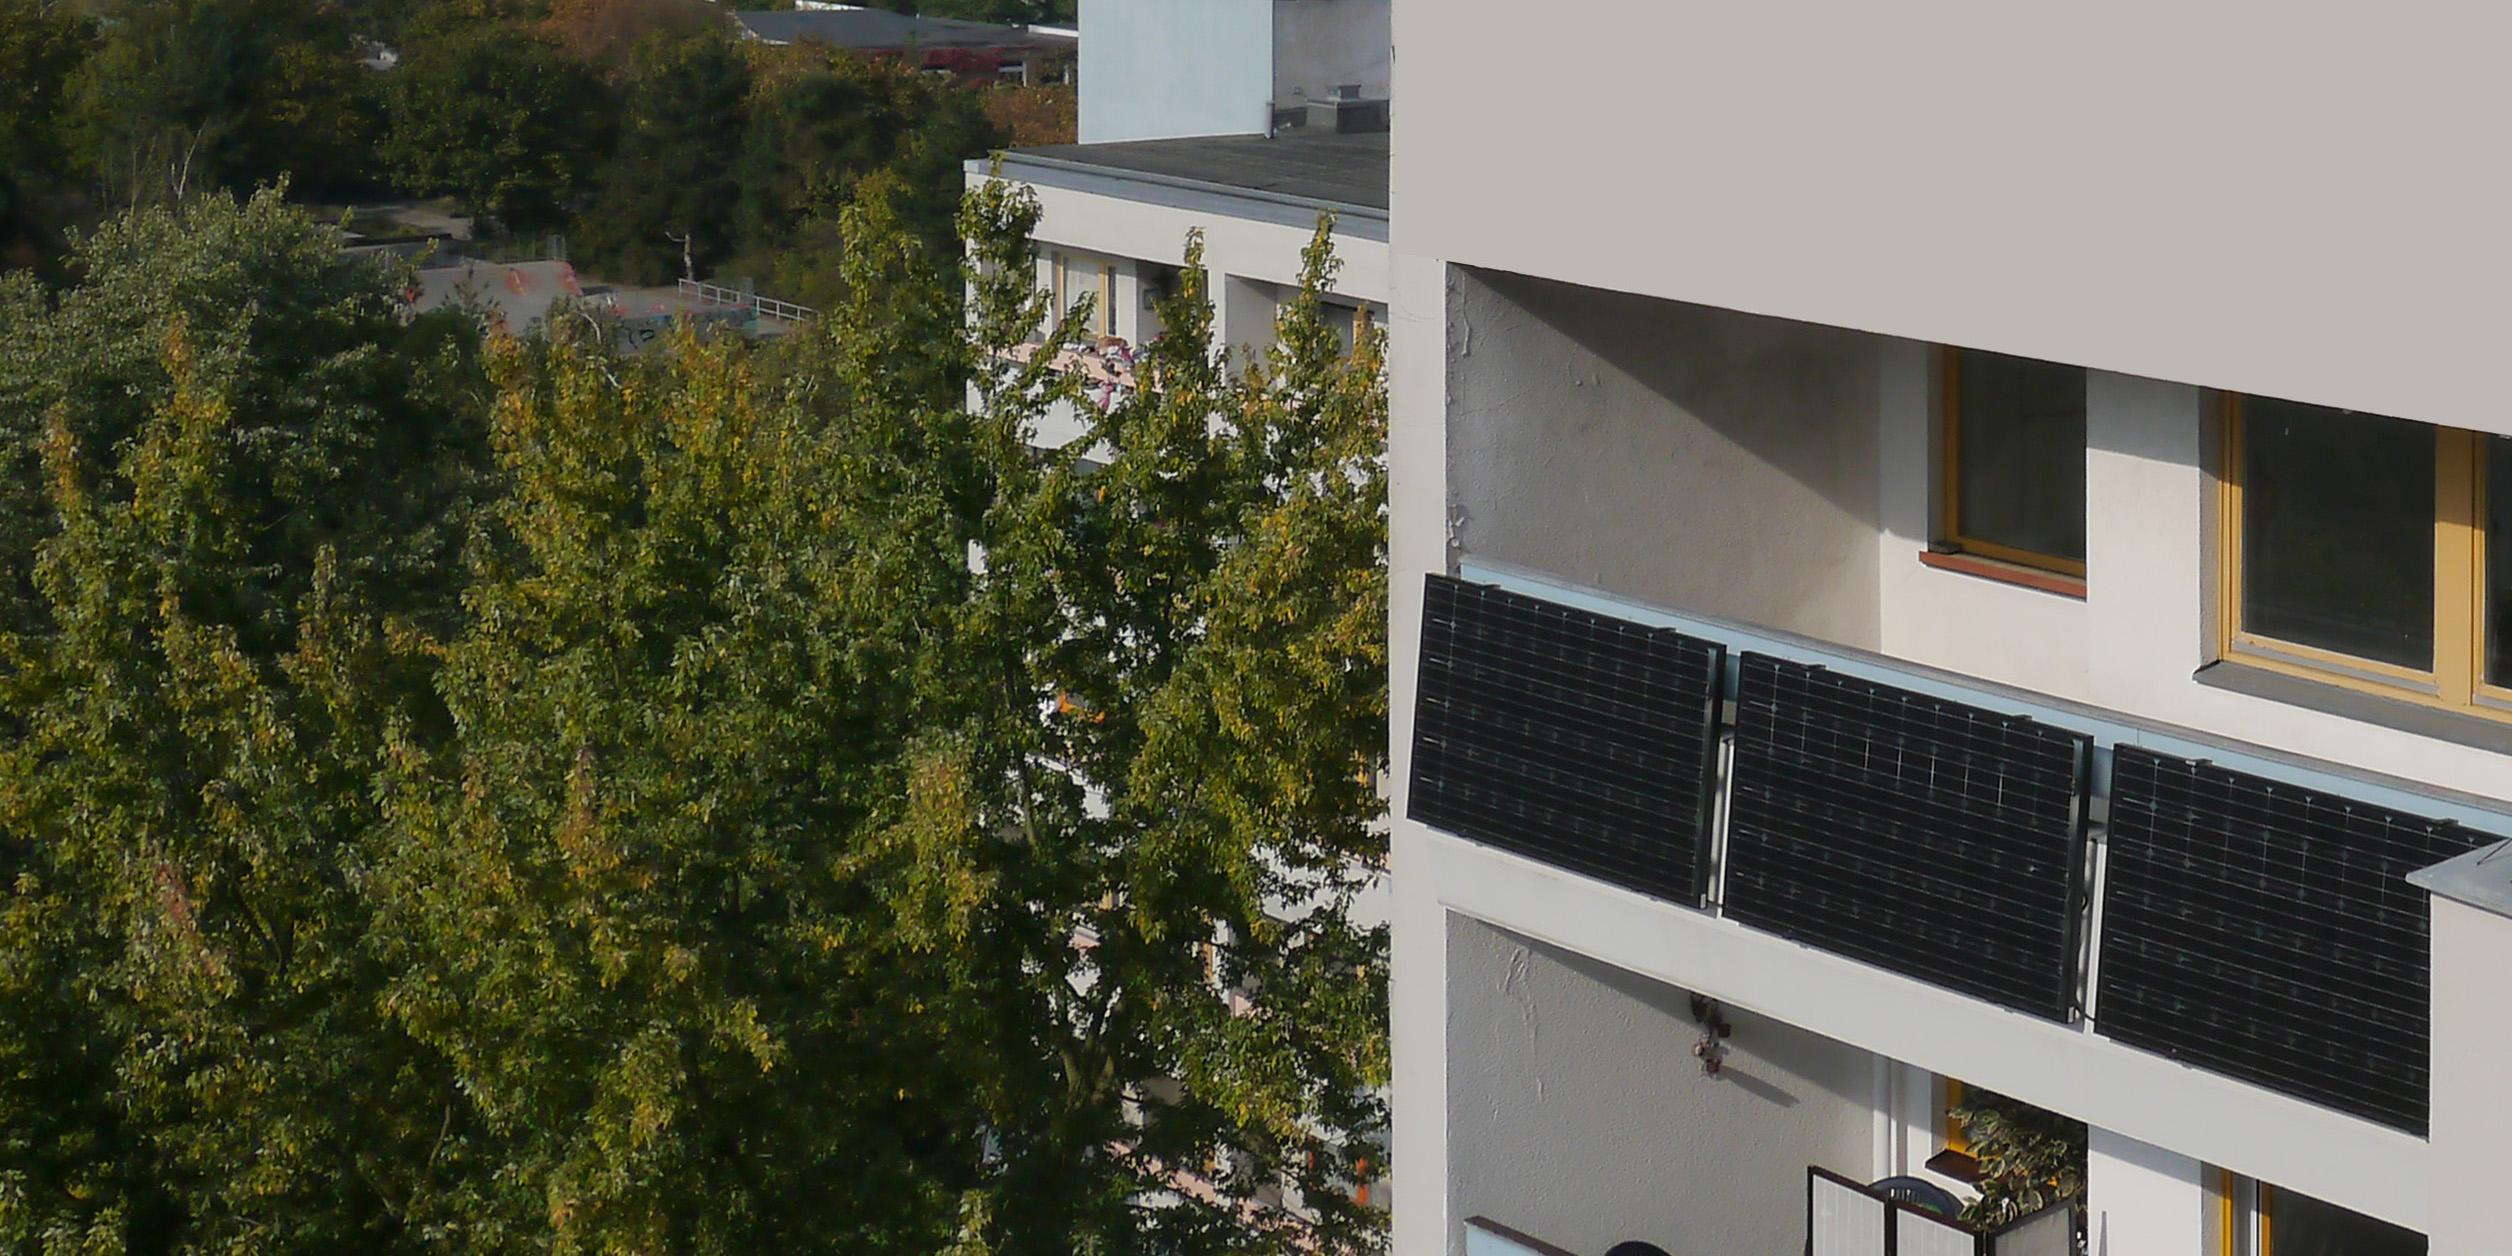 Foto von Balkonen mit Solarpanelen